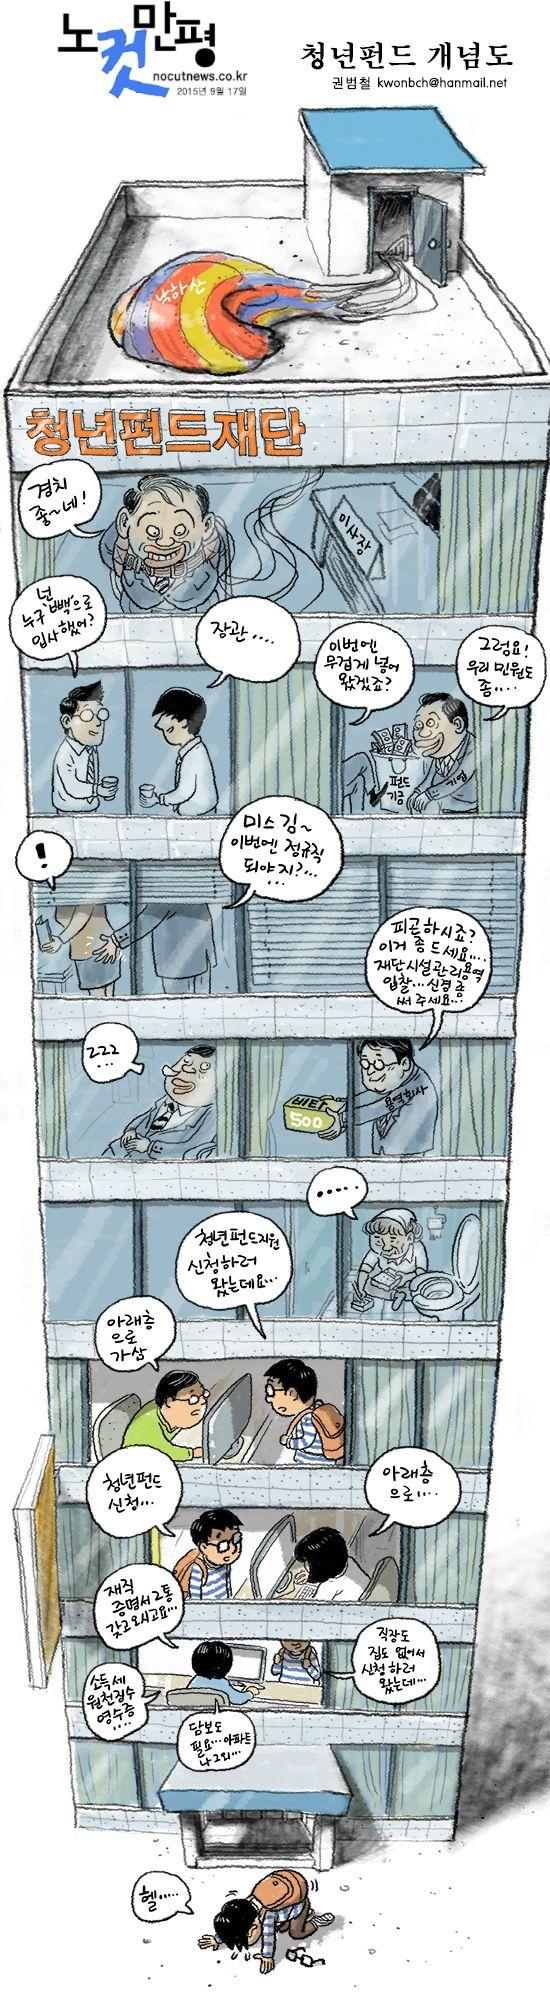 [노컷만평] 청년펀드 개념도 #만평